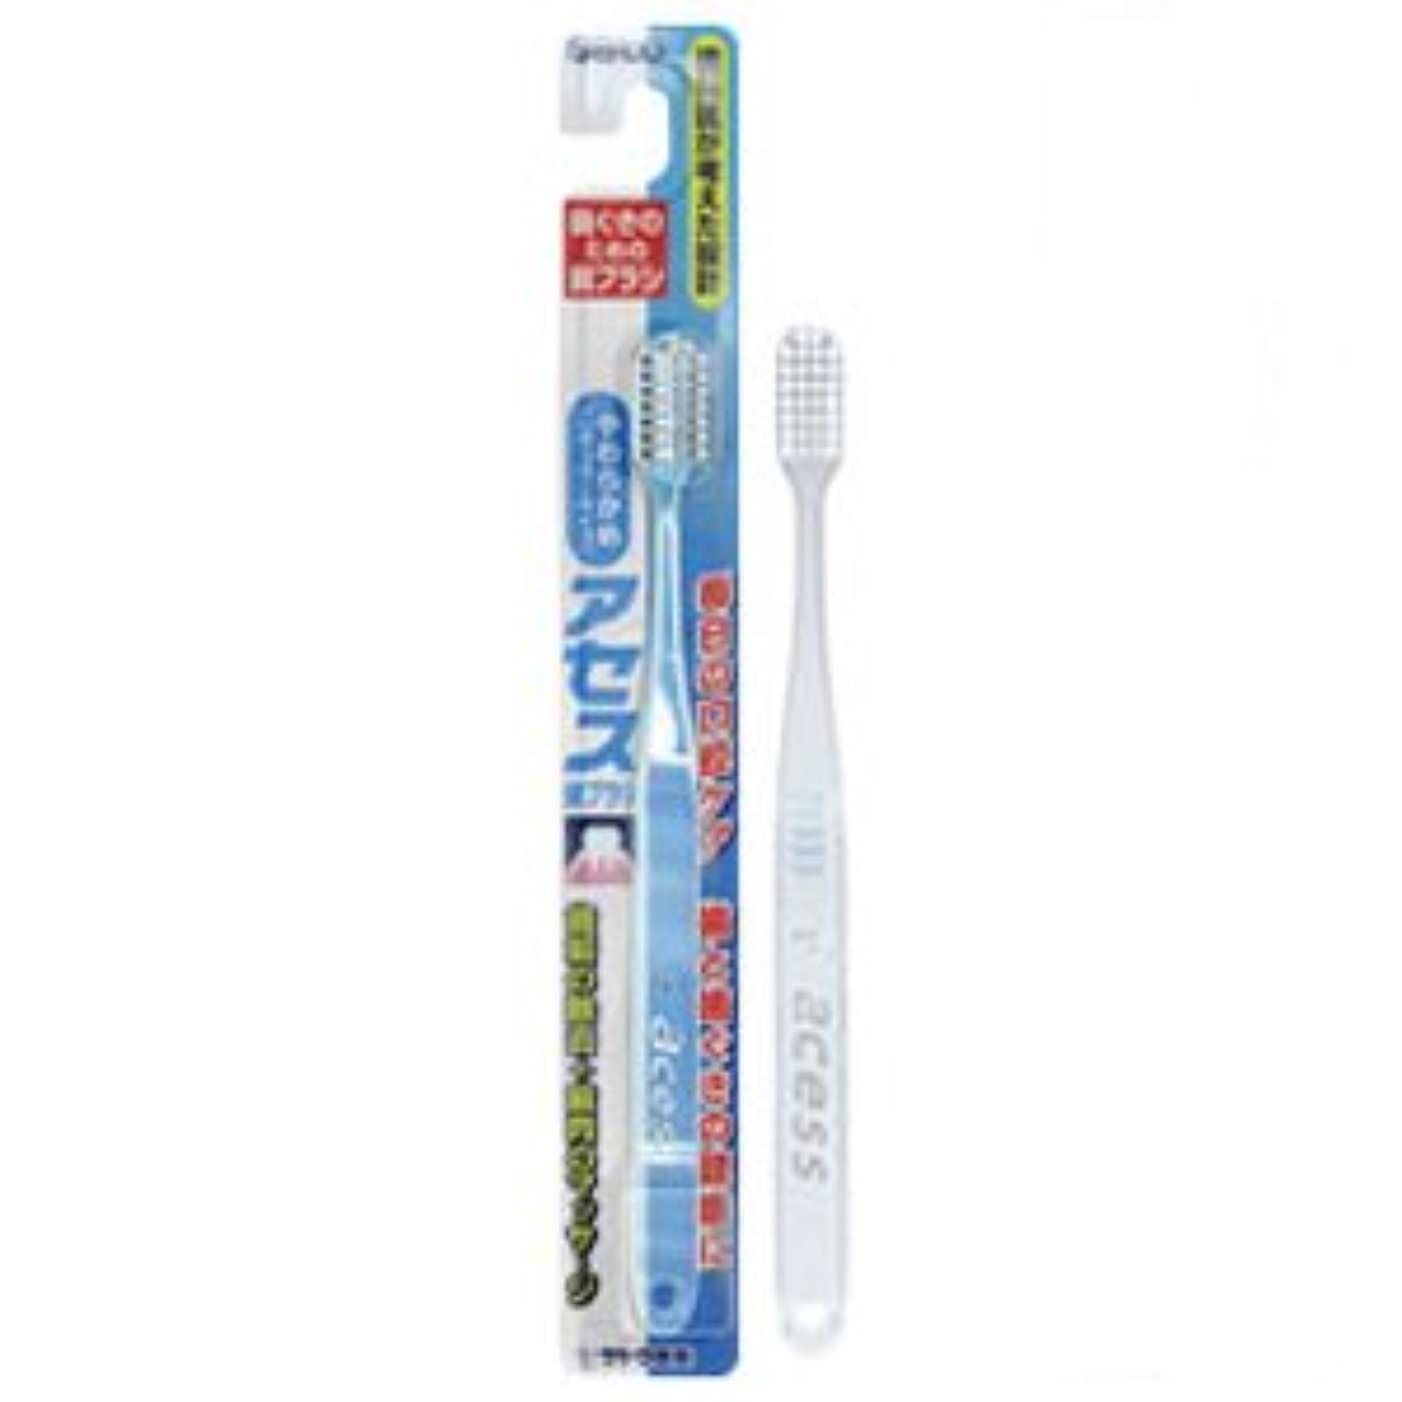 アセス歯ブラシ やわらかめ(レギュラータイプ) クリア 12本